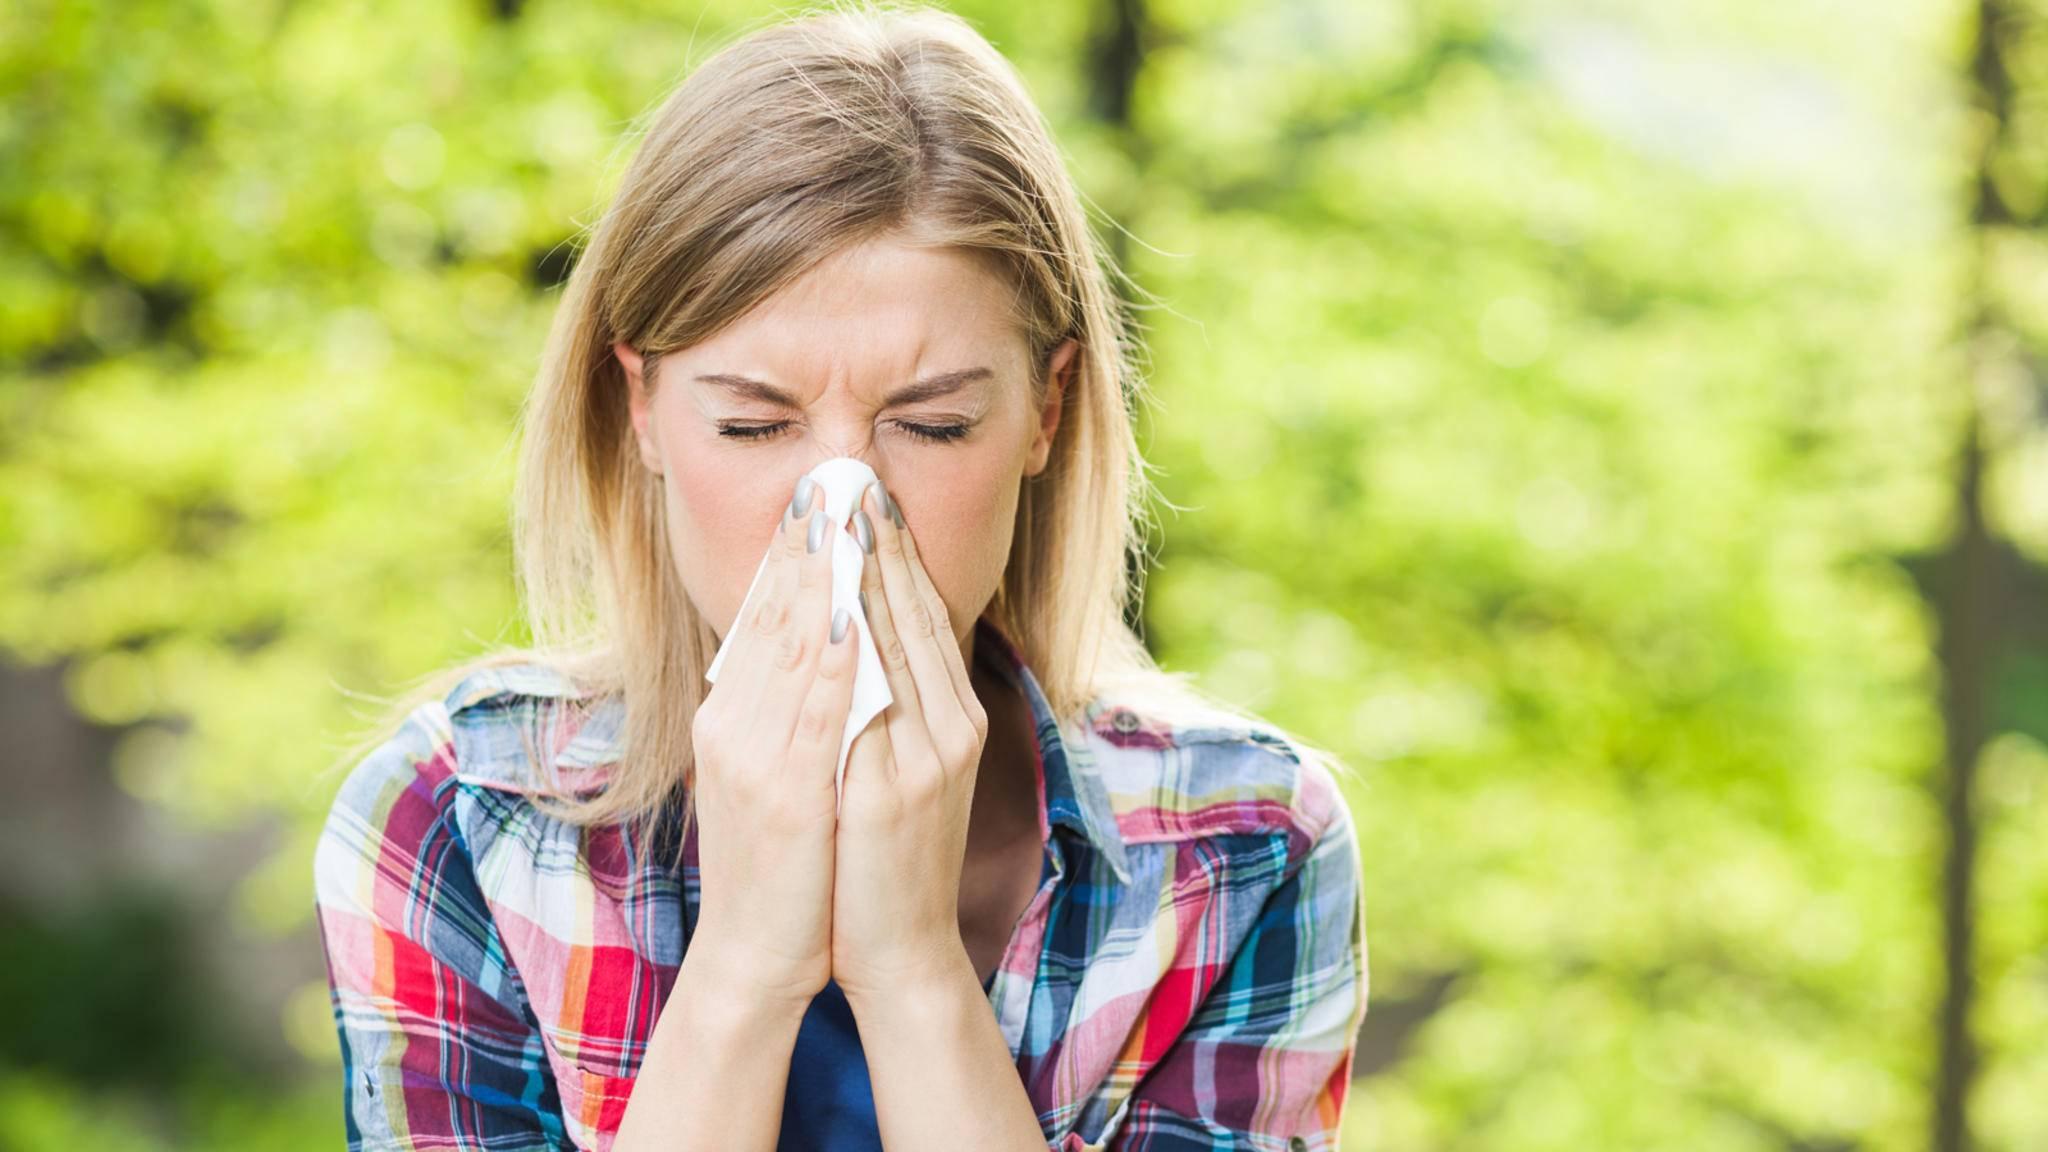 Pollenflug-Apps können dabei helfen, gut durch die Allergiezeit zu kommen.